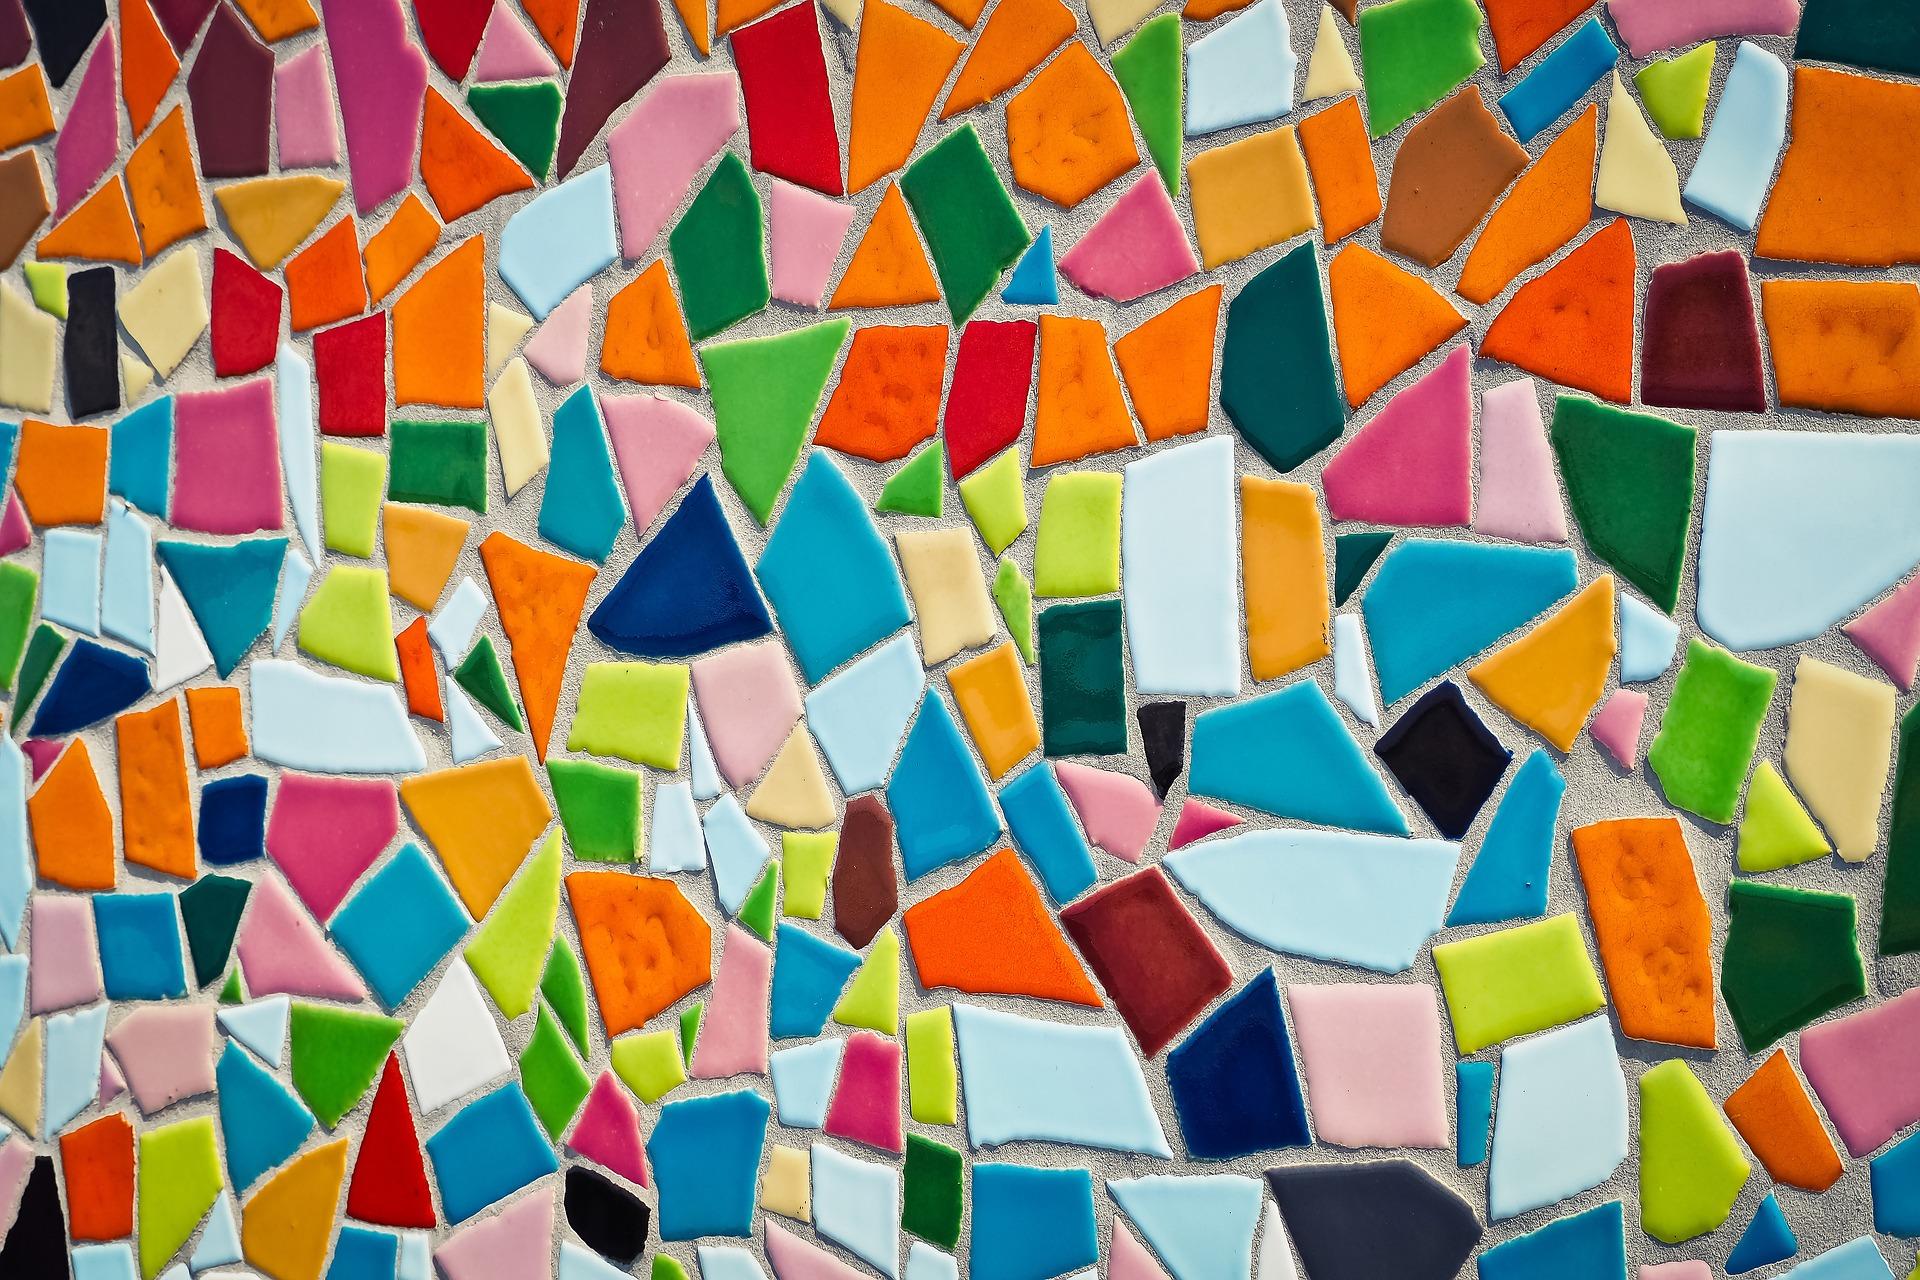 Los colores de sagitario colores que favorecen y dan suerte - Colores que favorecen ...